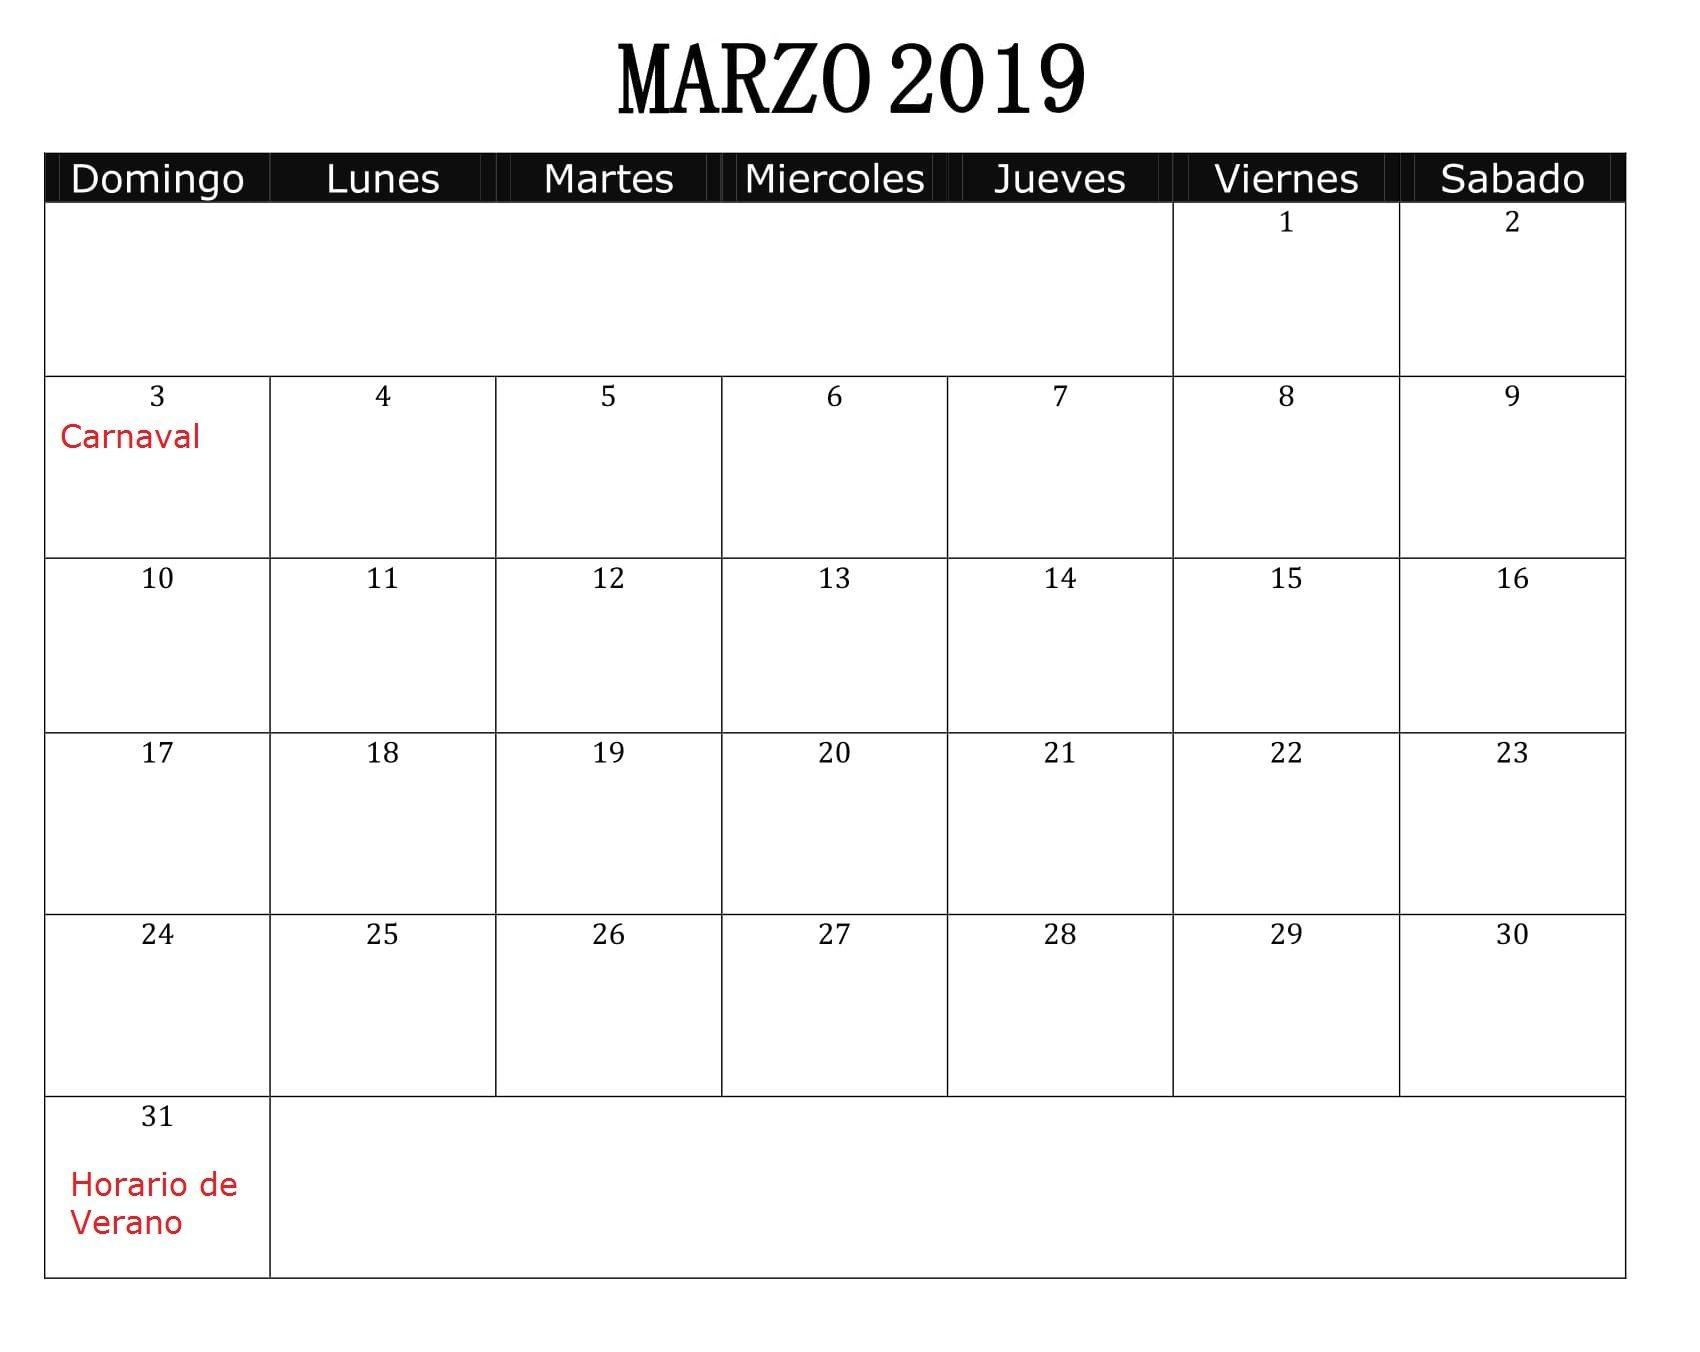 Calendario Enero Y Febrero 2018 Editable Más Caliente Calendario Marzo 2019 Con Festivos Of Calendario Enero Y Febrero 2018 Editable Más Reciente 2019 February Calendar Template and 2019 Printable Calendar Pages